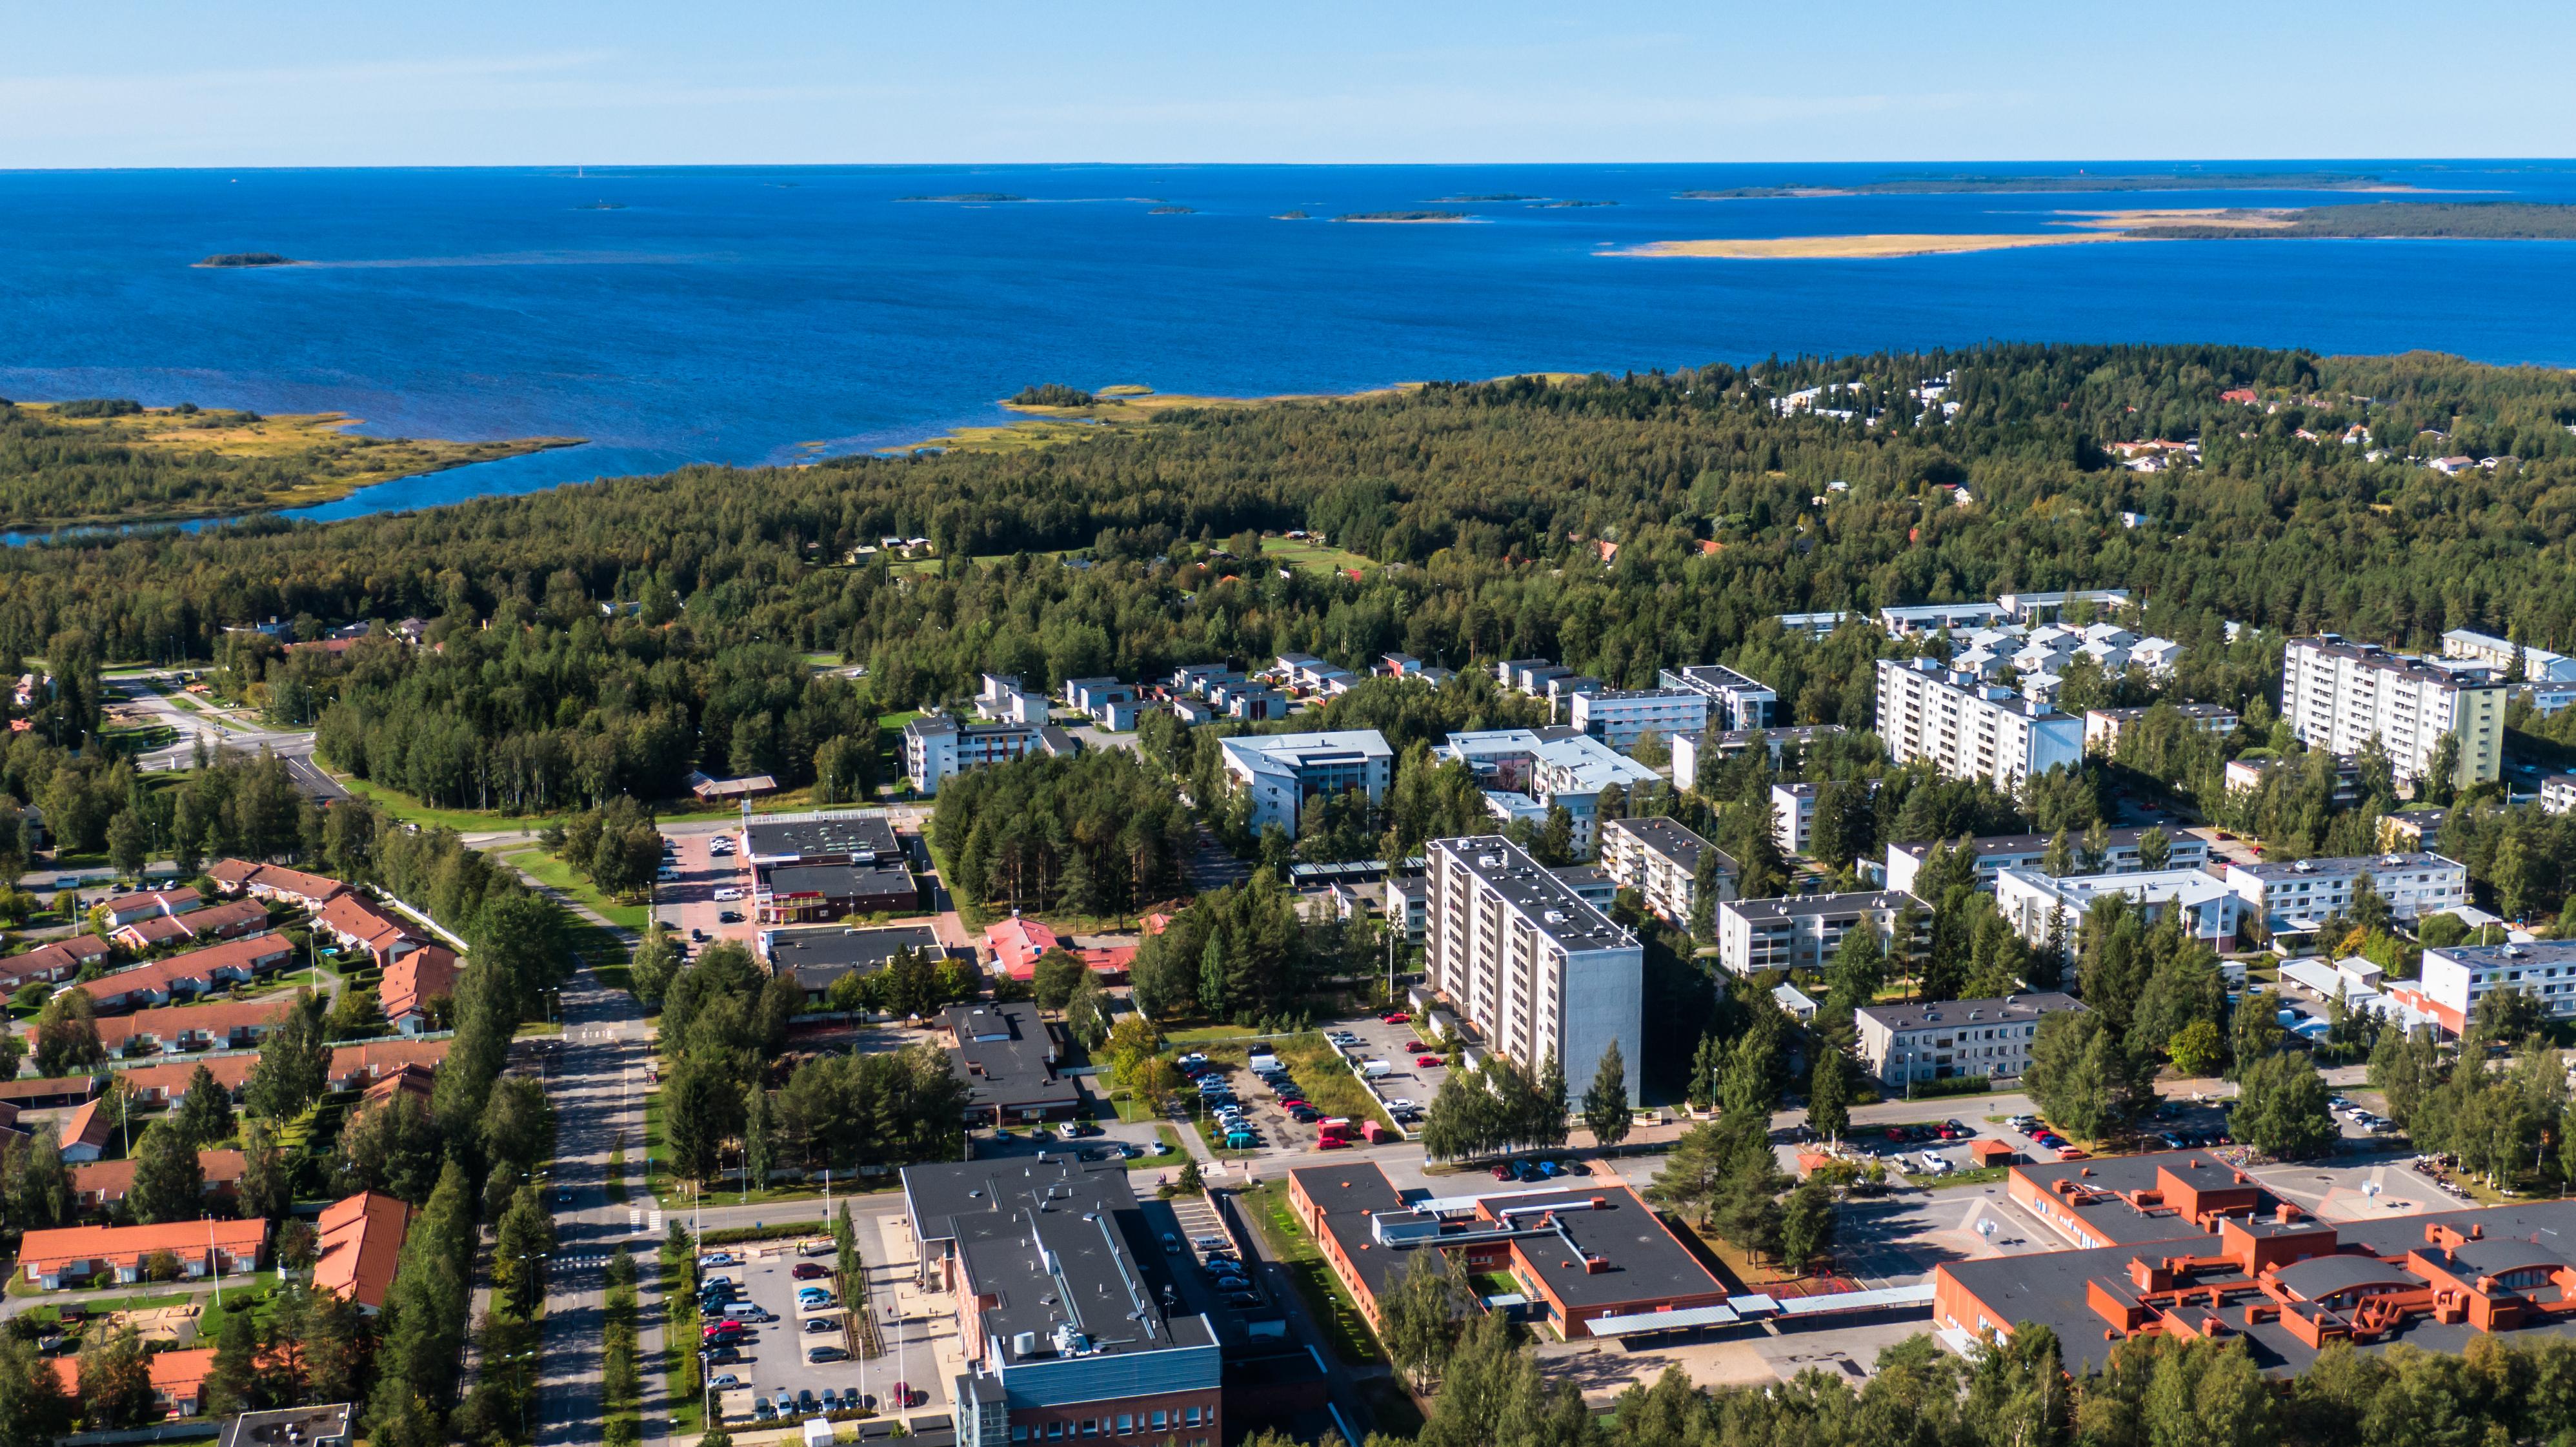 Oulun Rajakylää ilmasta kuvattuna. Punakattoisia taloja ja vaaleita korkeita kerrostaloja. Taaempana näyttäytyy metsää ja meri.